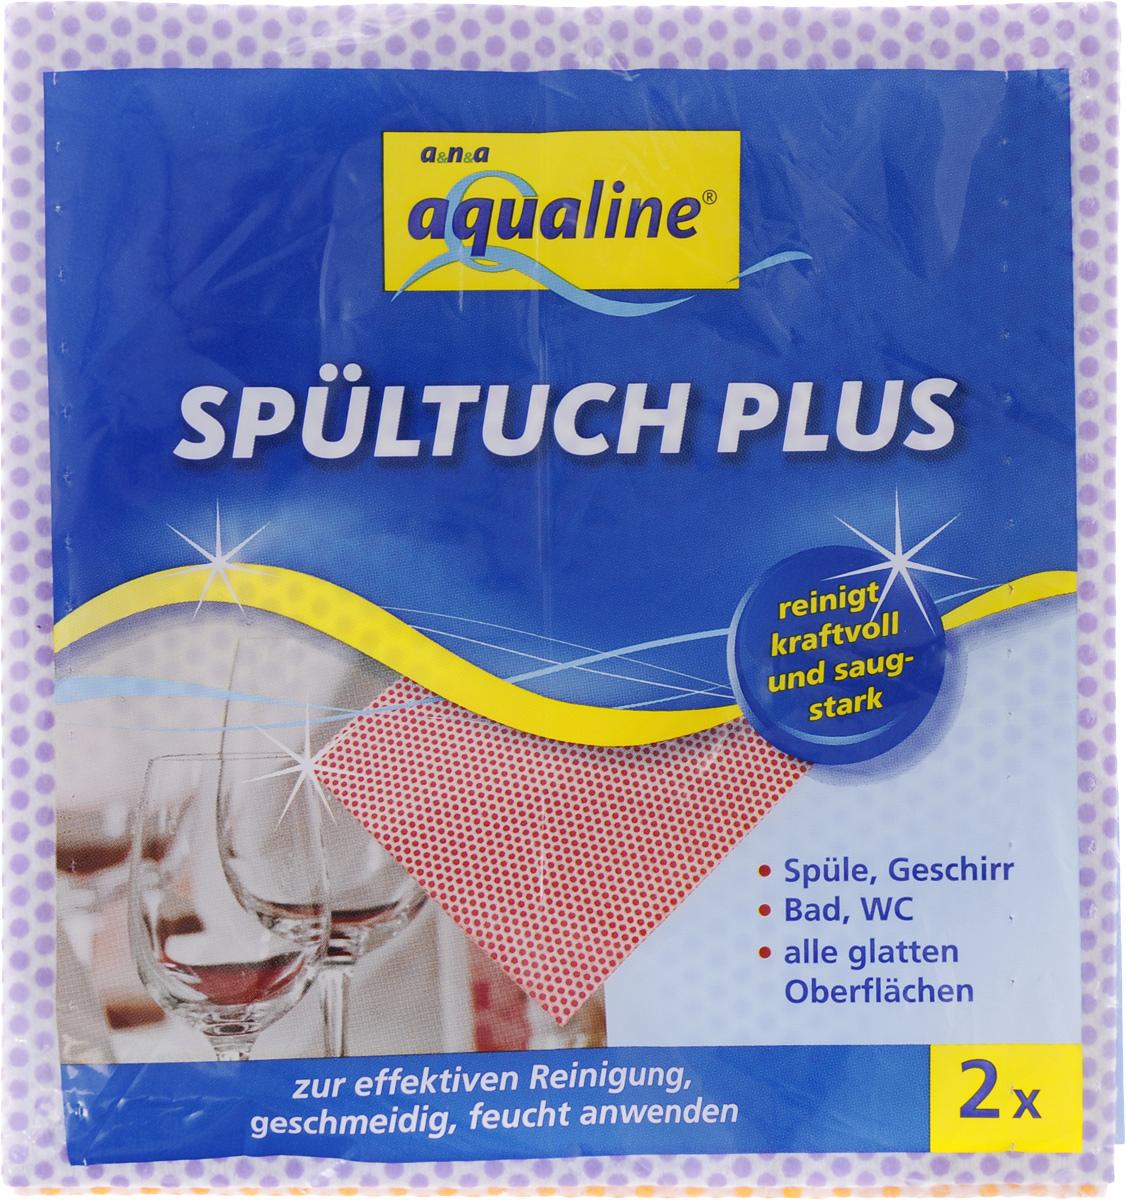 Салфетка Aqualine Plus для посуды и домашнего хозяйства, цвет: оранжевый, сиреневый, 35 х 38 см, 2 шт2058_оранжевый,сиреневыйМягкая салфетка Aqualine Plus обладает высокими чистящими свойствами за счет специальных точек, которые находятся на поверхности ткани. Она прекрасно подходит как для мытья посуды, так и для уборки поверхностей на кухне и в ванной комнате. Благодаря рифленой структуре салфетка удаляет даже самые сильные загрязнения, хорошо впитывая жидкость, не оставляя ворсинок. Состав: 82% вискоза, 18% полипропилен.